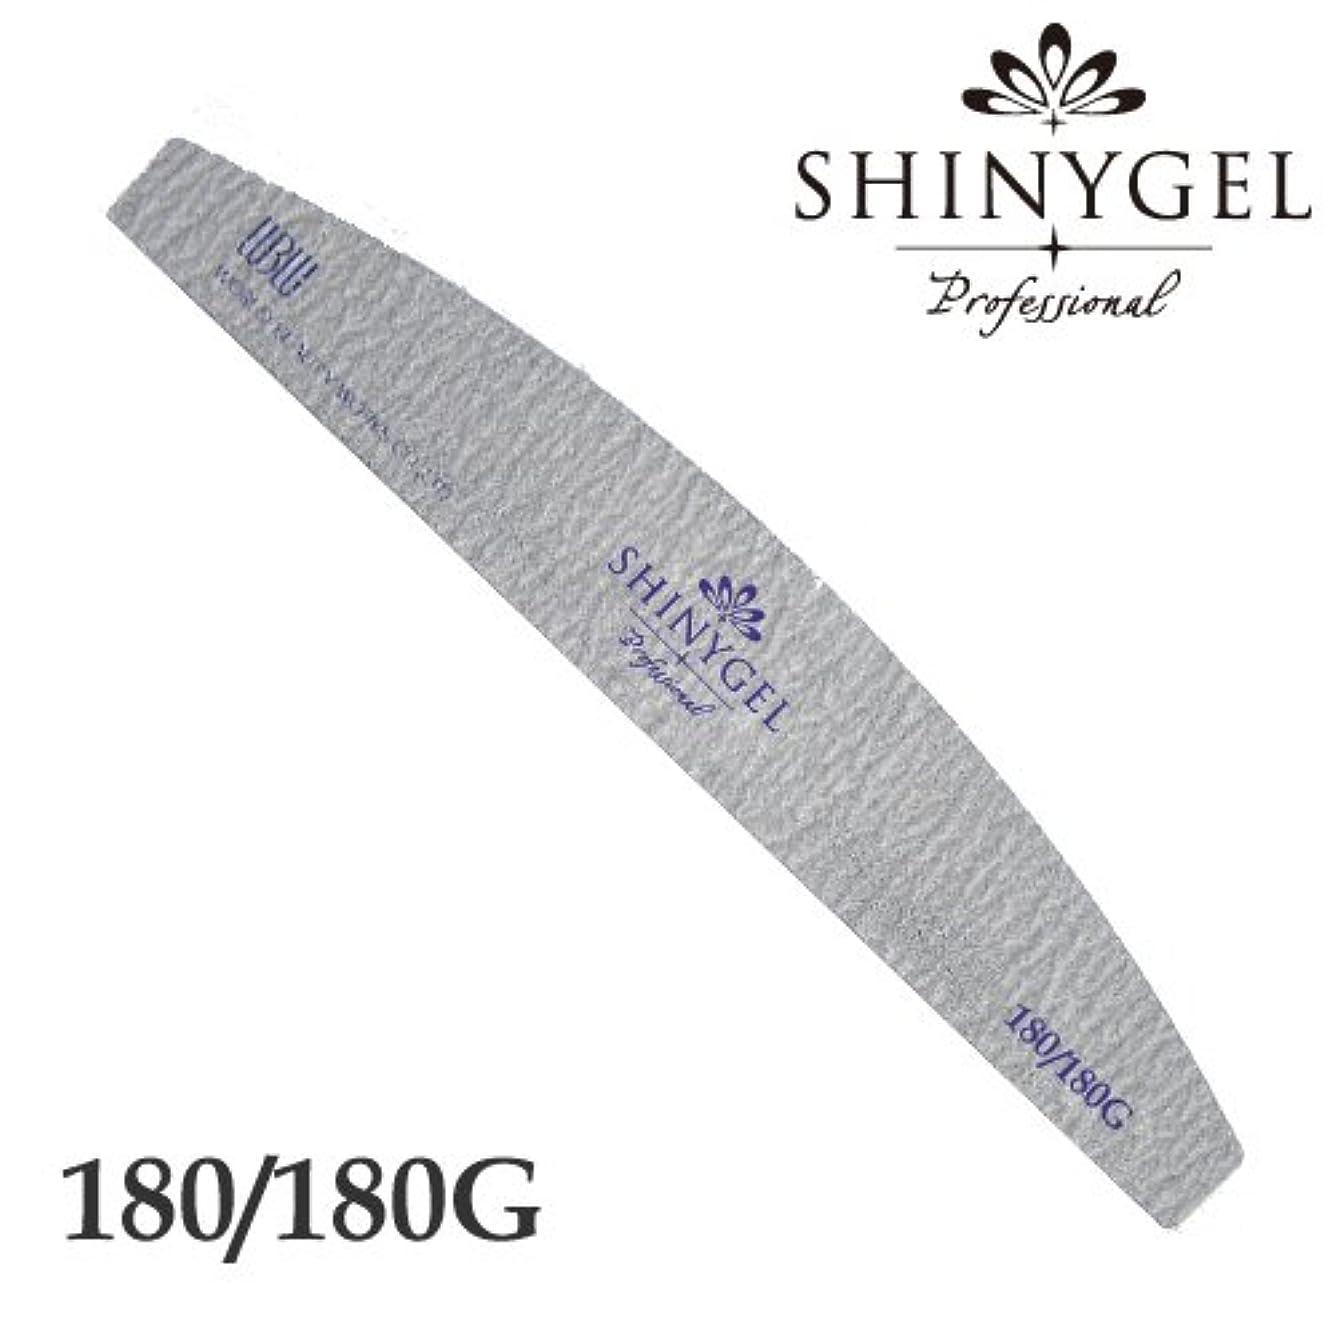 四回社会ベーリング海峡SHINYGEL Professional シャイニージェルプロフェッショナル ゼブラファイル ホワイト(アーチ型) 180/180G ジェルネイル 爪やすり